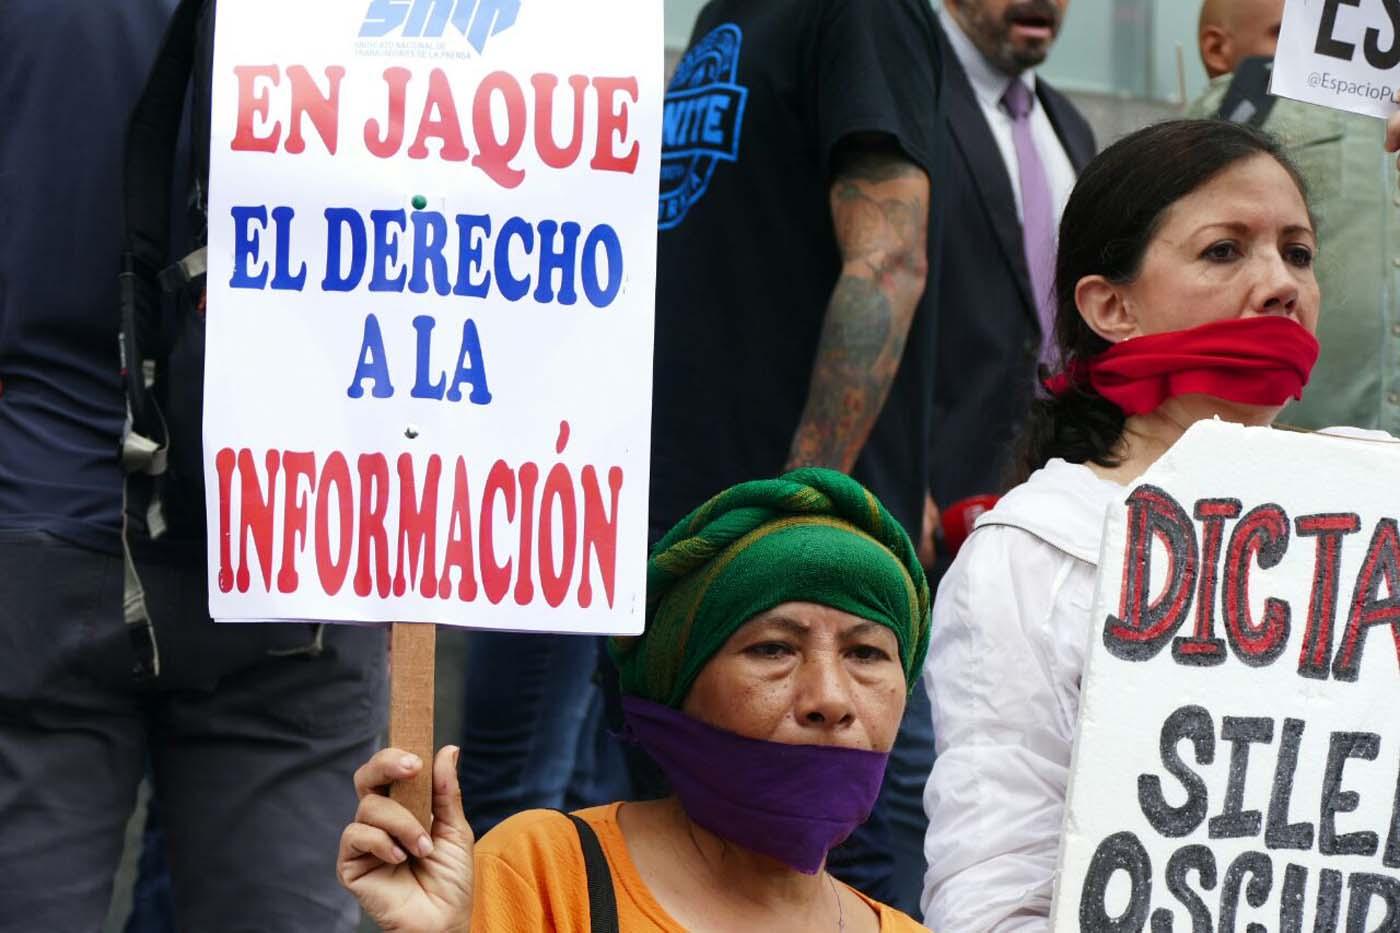 libertad expresion prensa marcha periodistas